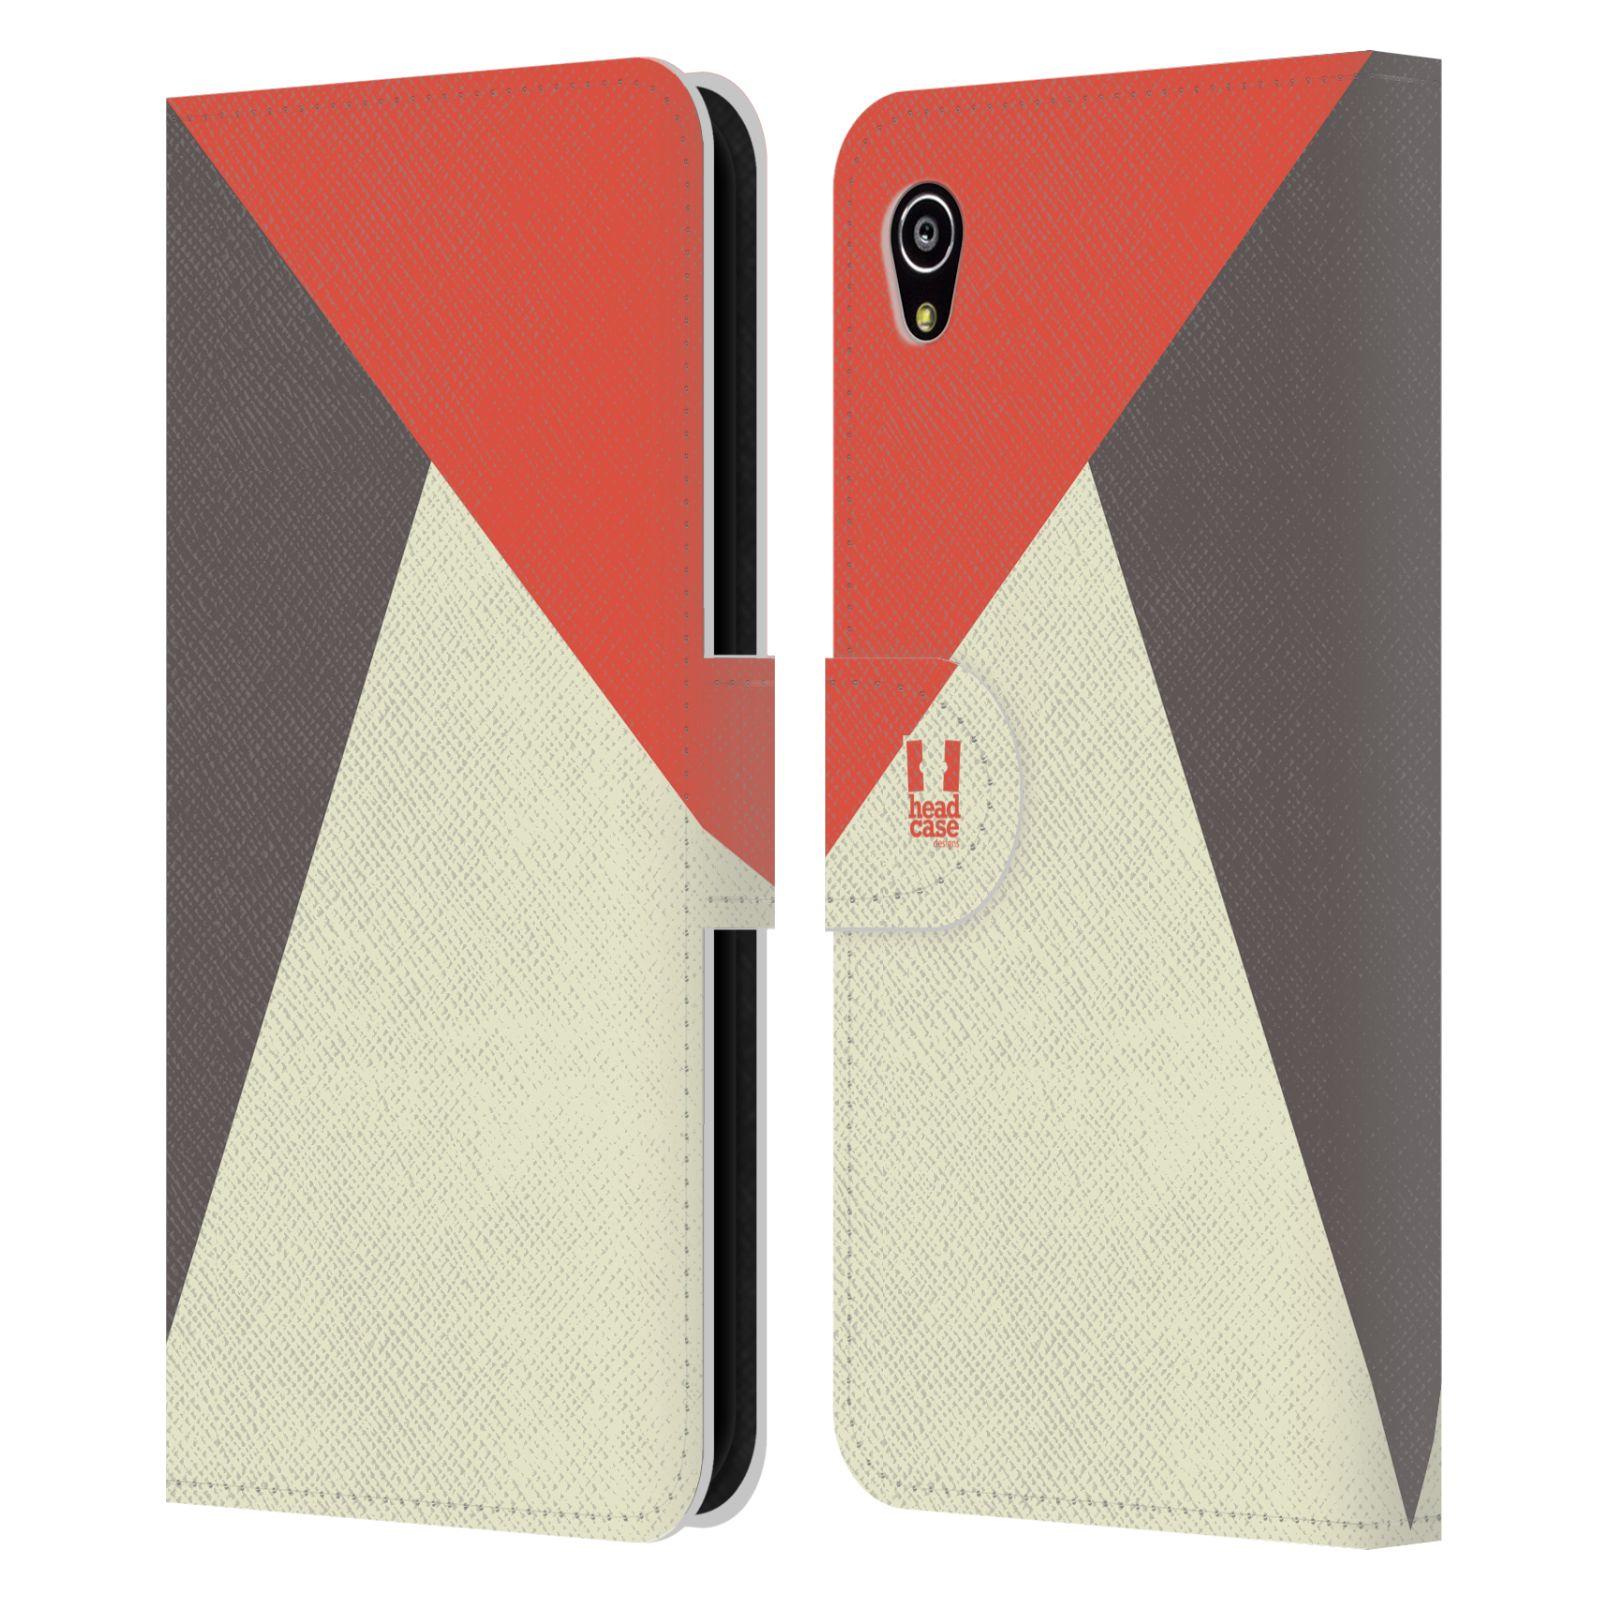 HEAD CASE Flipové pouzdro pro mobil SONY Xperia M4 Aqua barevné tvary červená a šedá COOL